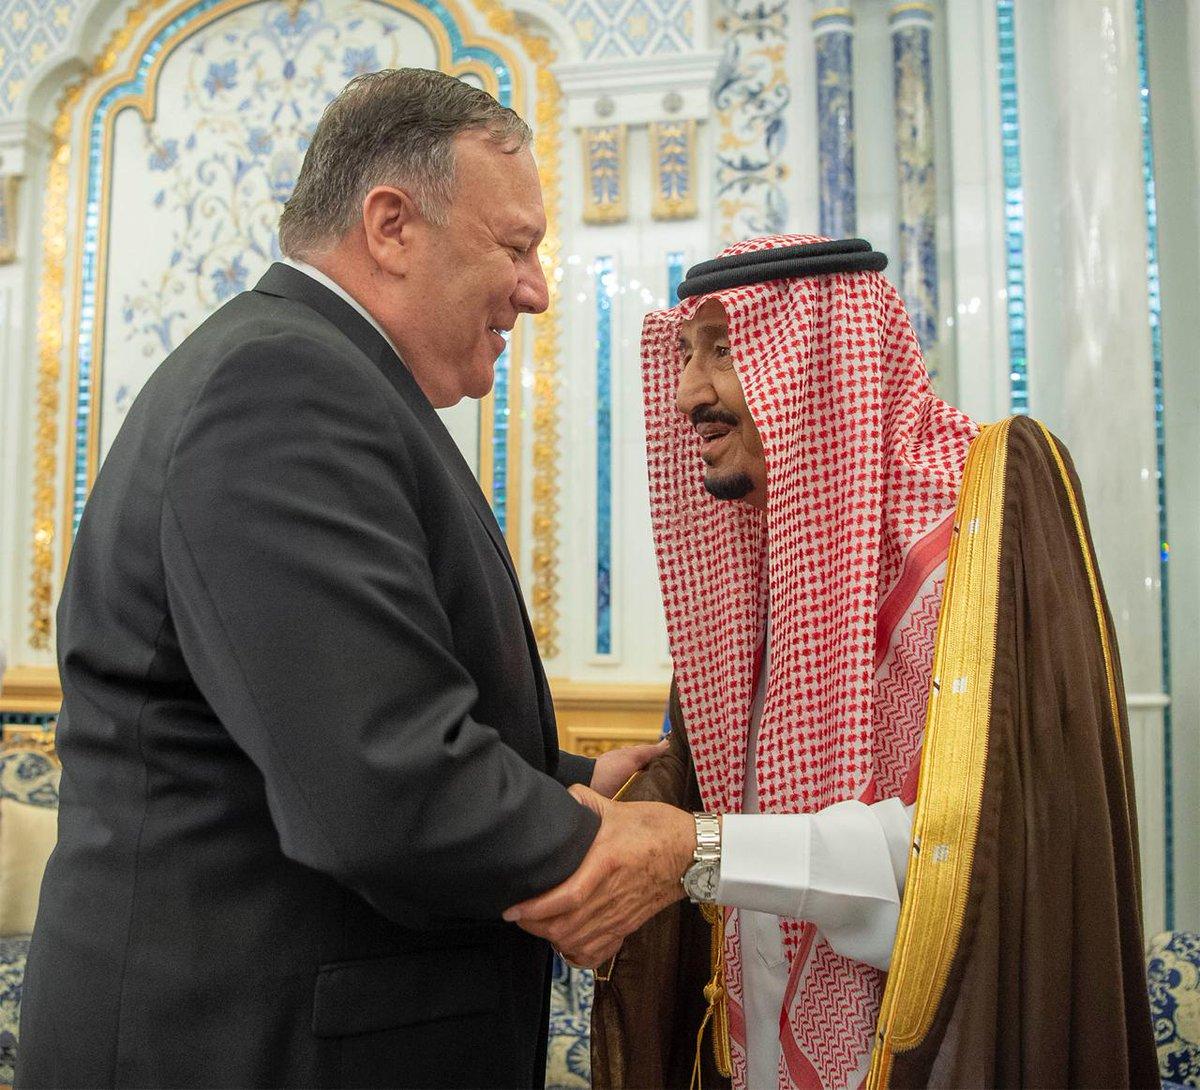 العاهل السعودي يستقبل وزير الخارجية الأمريكي في الرياض